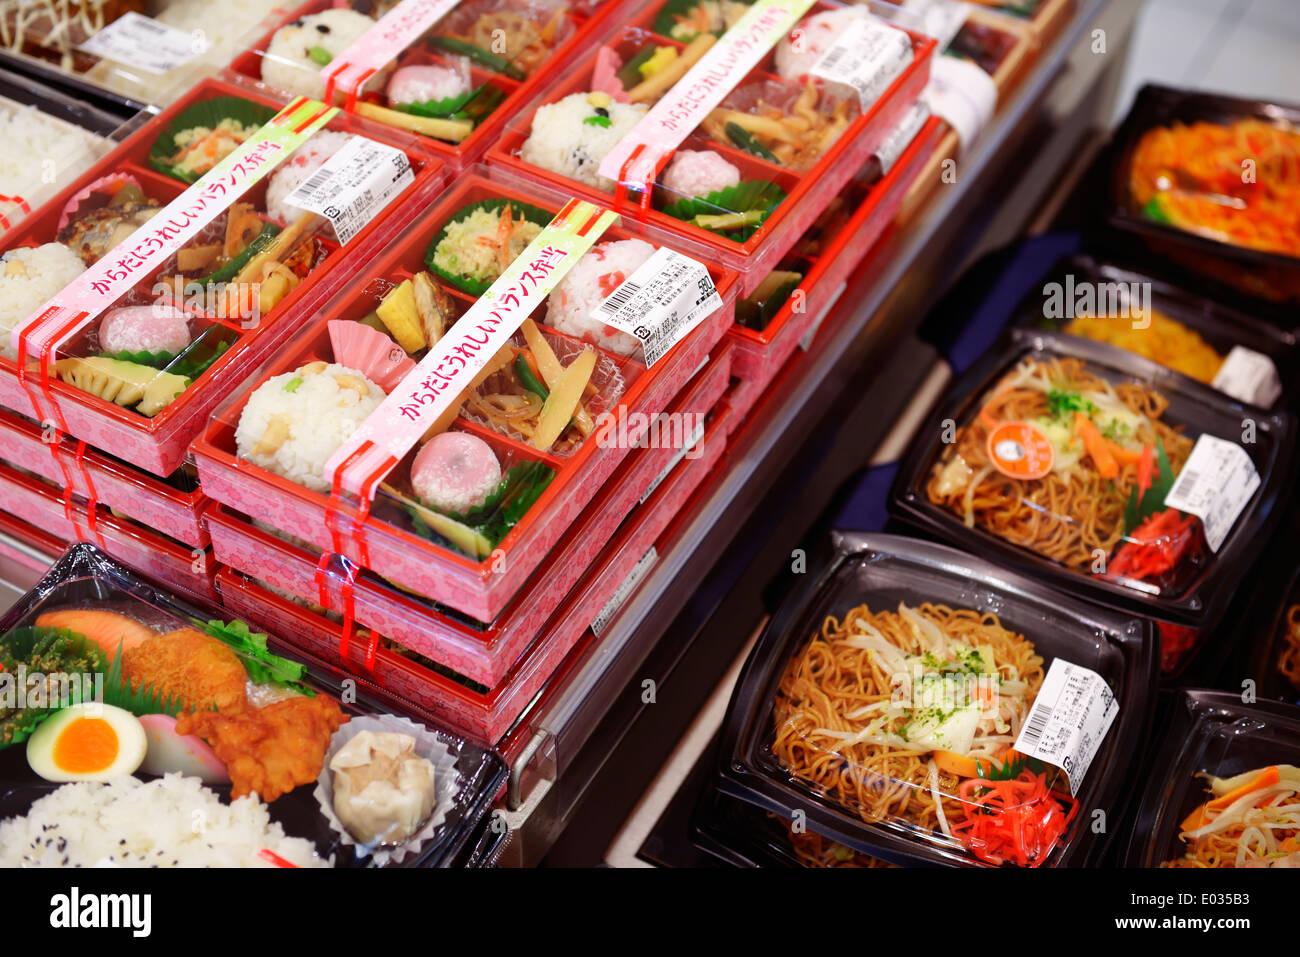 Verpackte zubereitete Speisen auf dem Display in einem japanischen Supermarkt. Tokio, Japan. Stockbild